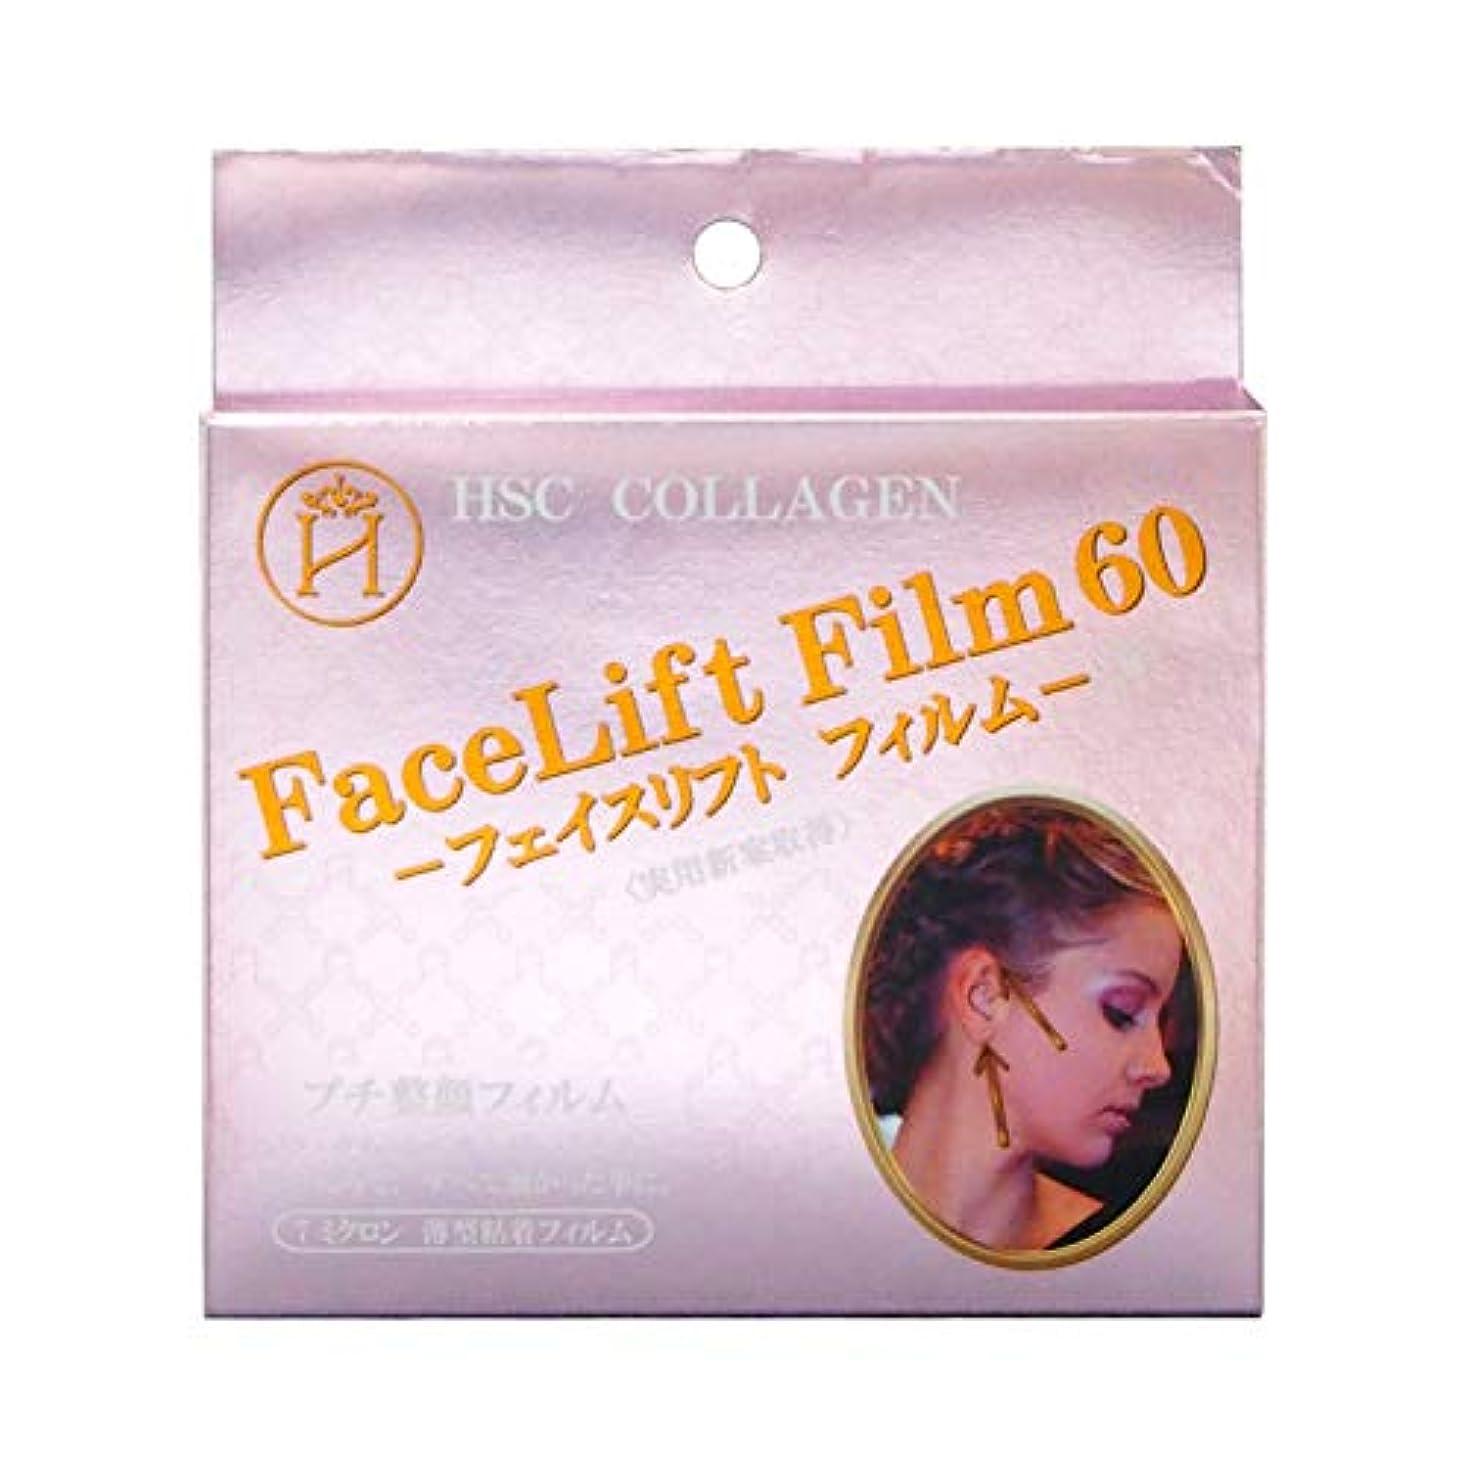 ごちそう髄暖かくフェイスリフトフィルム60 たるみ テープ 引き上げ 透明 目立たない フェイスライン